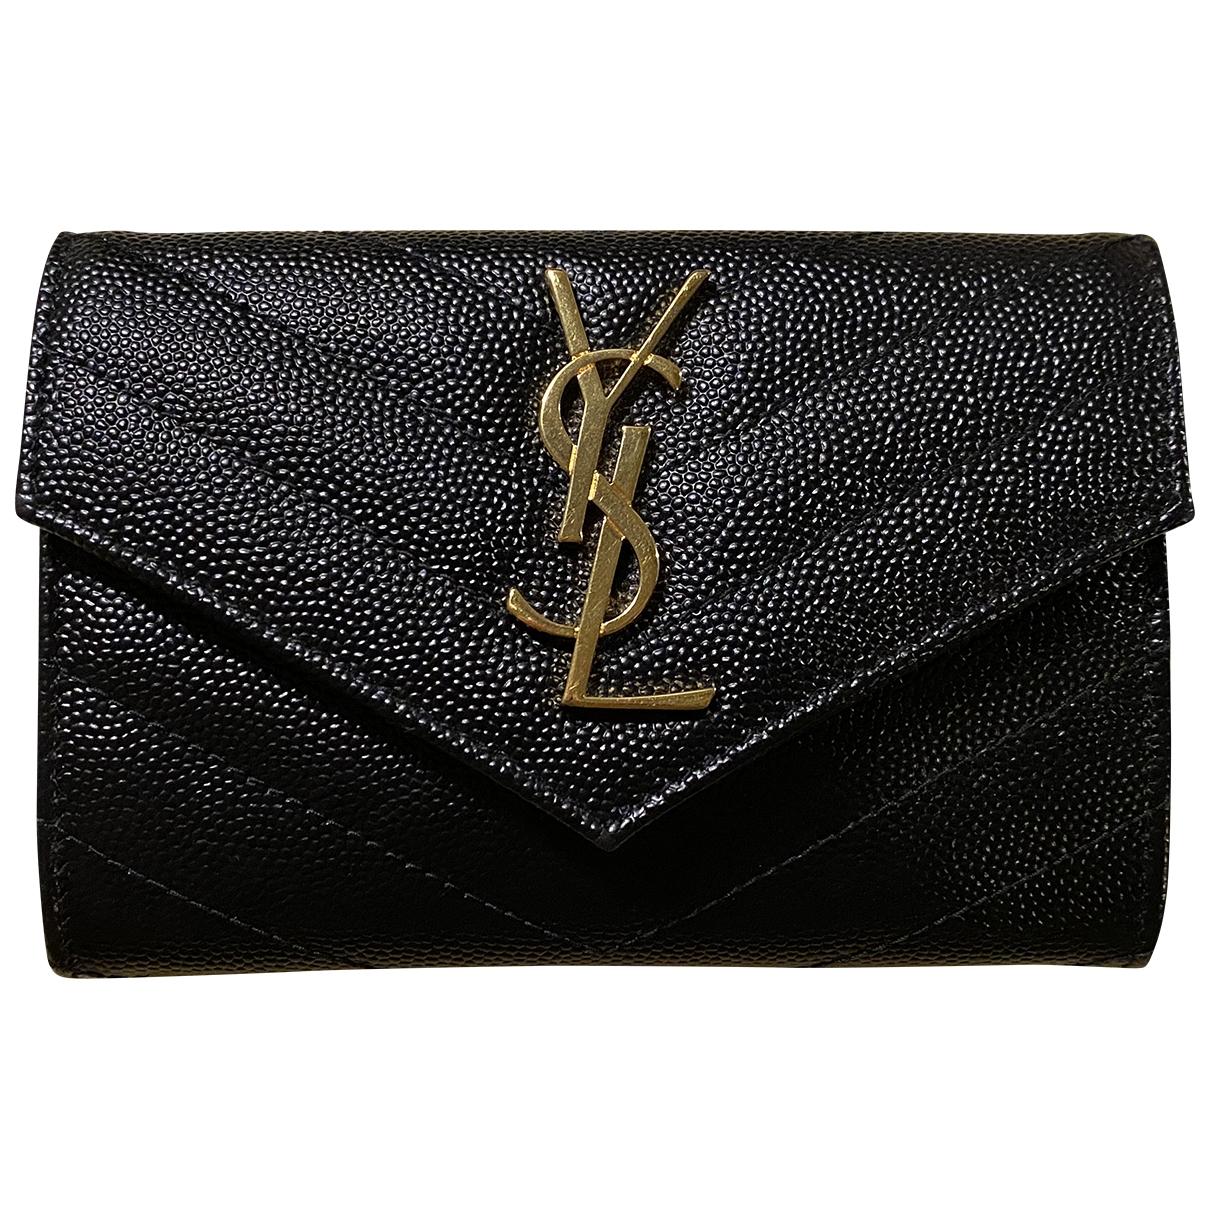 Saint Laurent Monogramme Black Leather Purses, wallet & cases for Women \N